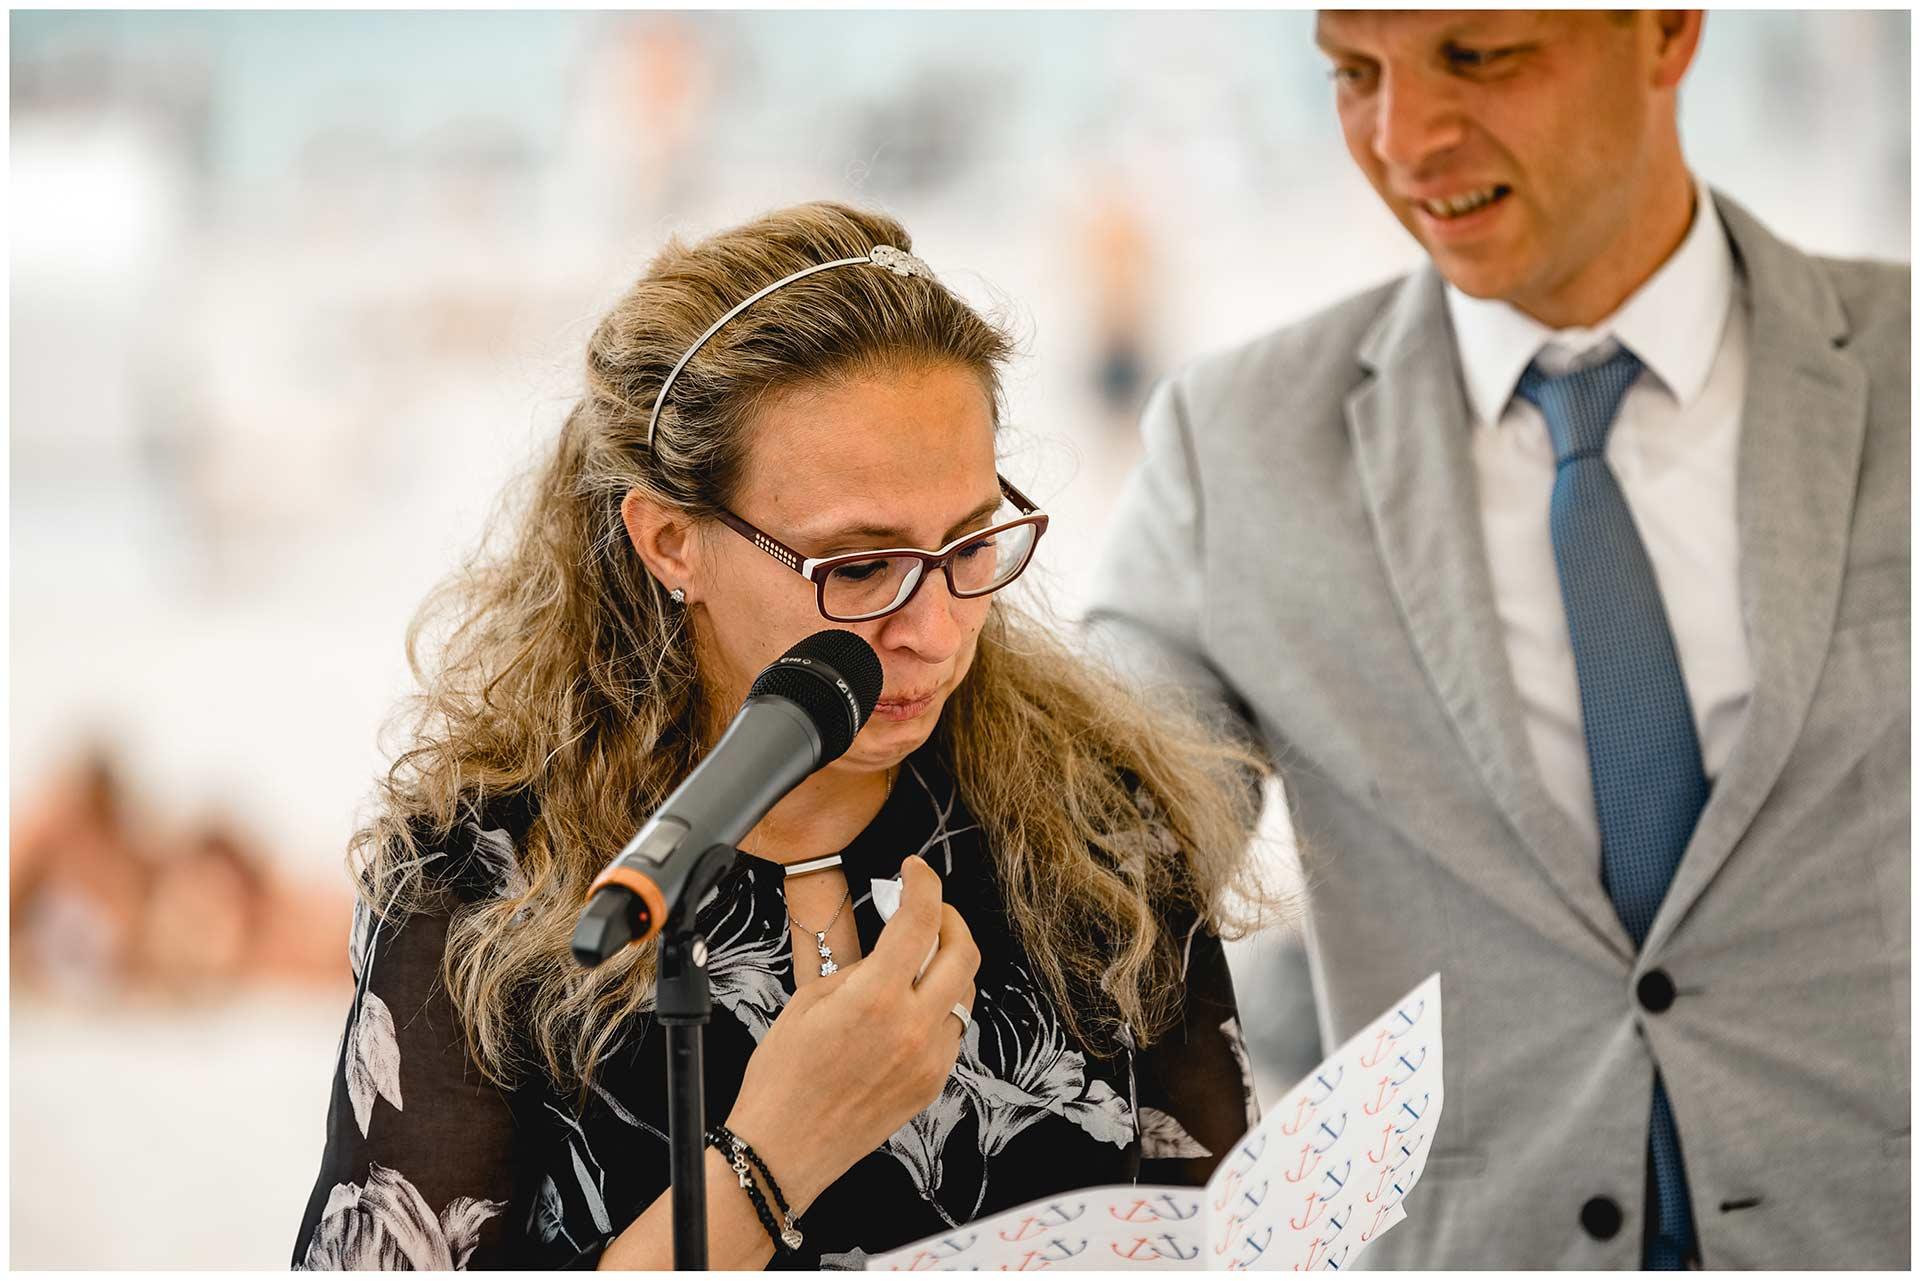 Freundin-des-Brautpaares-haelt-eine-Rede-bei-der-Freien-Trauung-am-Strand-Hochzeit-am-Strand-Hochzeitsfotograf-Warnemuende-Hochzeitsfotograf-Rostock-Hochzeitsfotograf-Ostseebad-Warnemuende